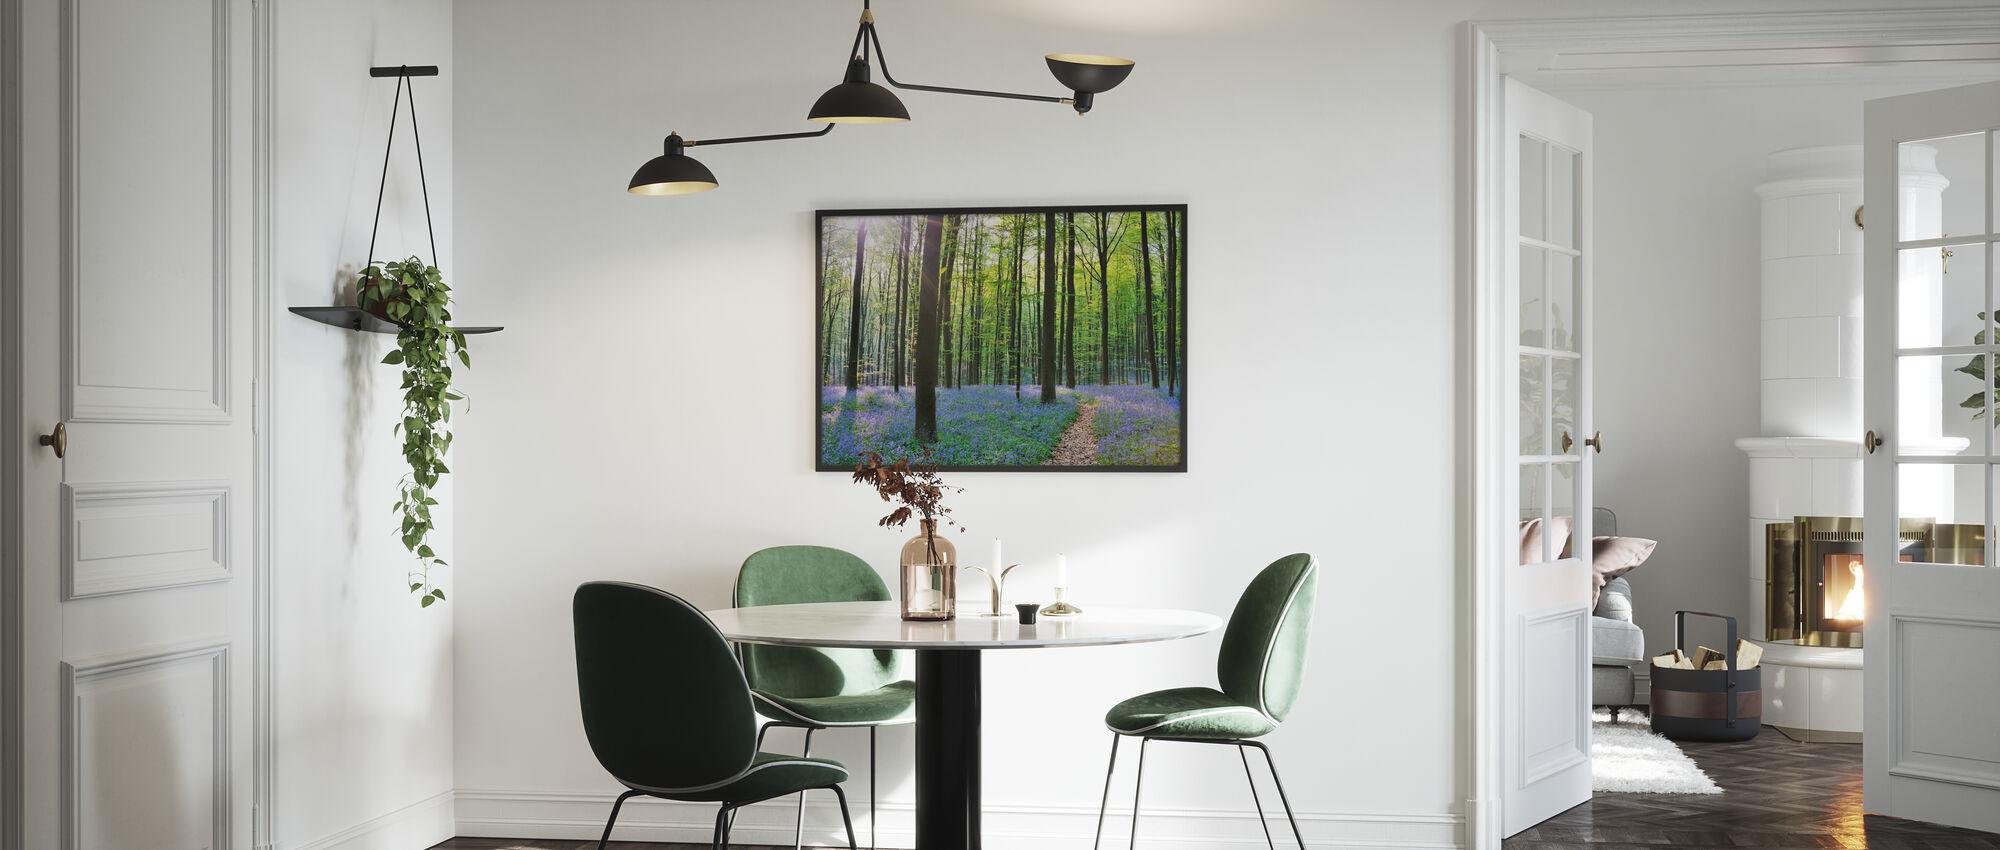 Väg genom Bluebells Forest - Poster - Kök